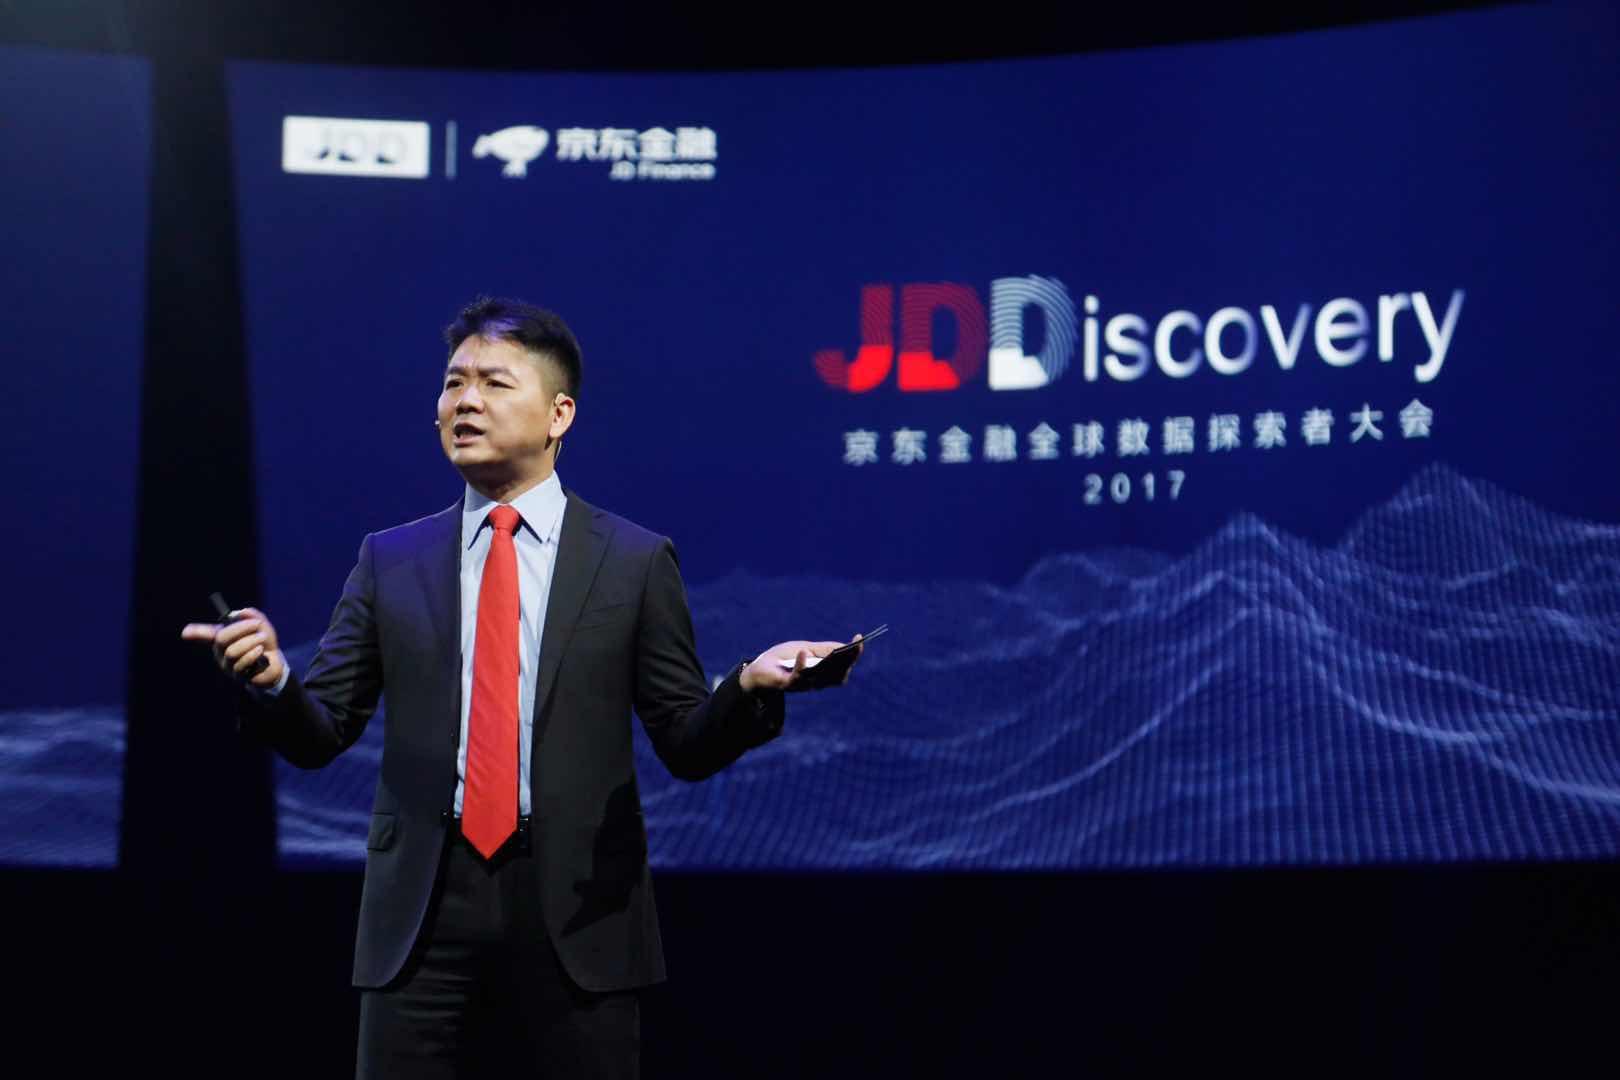 京东晒变革前夜成绩单:腾讯继续撑腰,活跃用户数重回增长